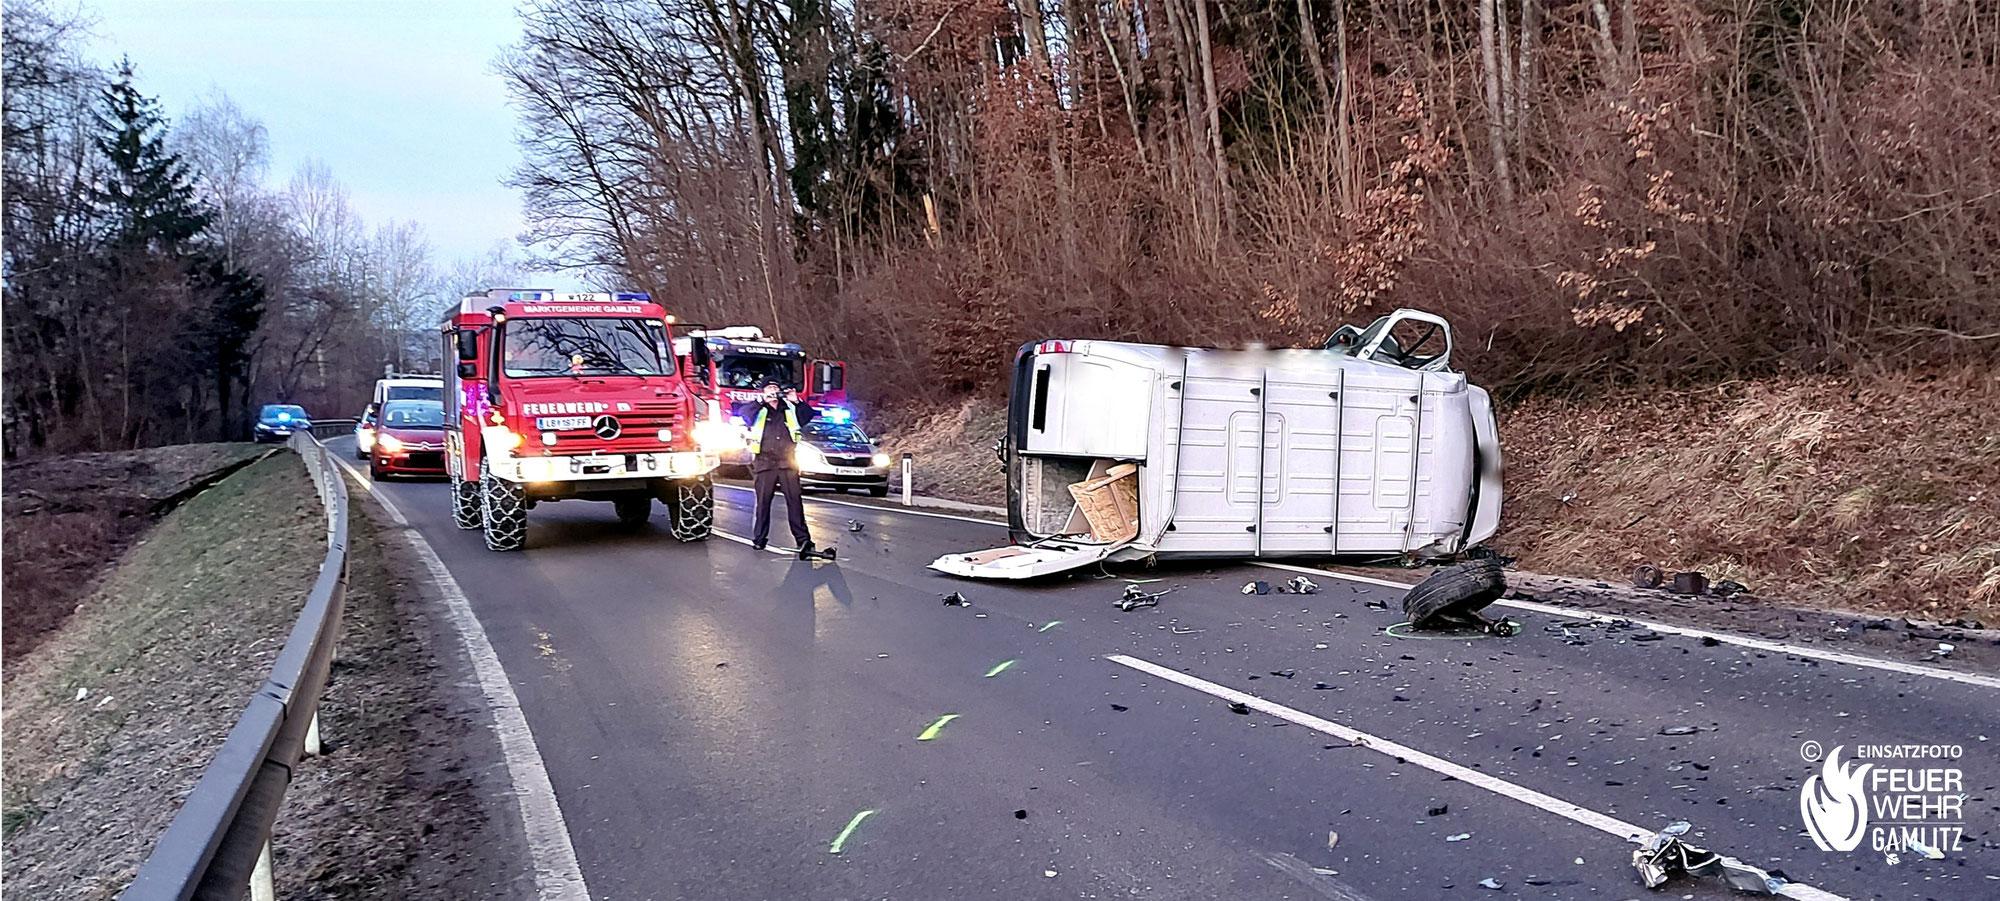 Verkehrsunfall mit eingeklemmter Person auf der B69 Richtung Ehrenhausen